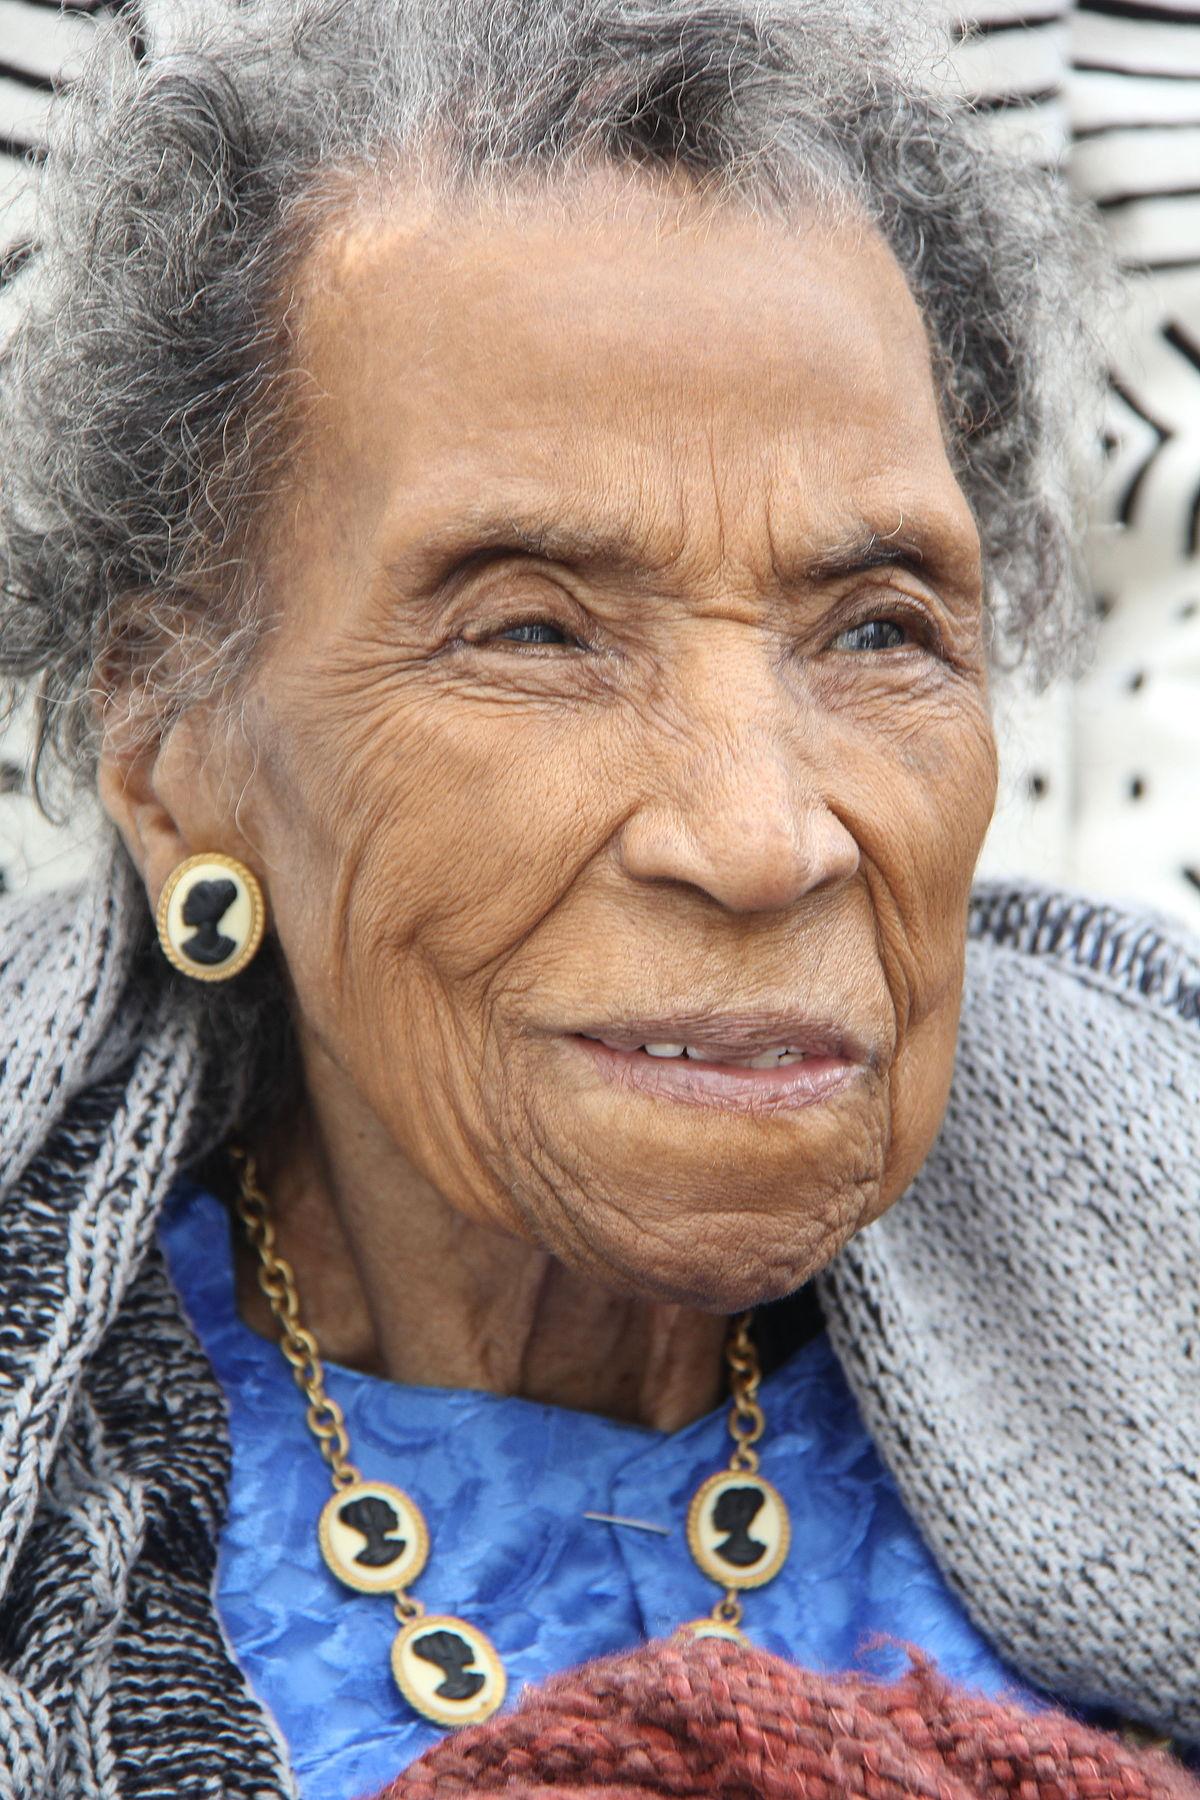 Amelia Boynton Robinson